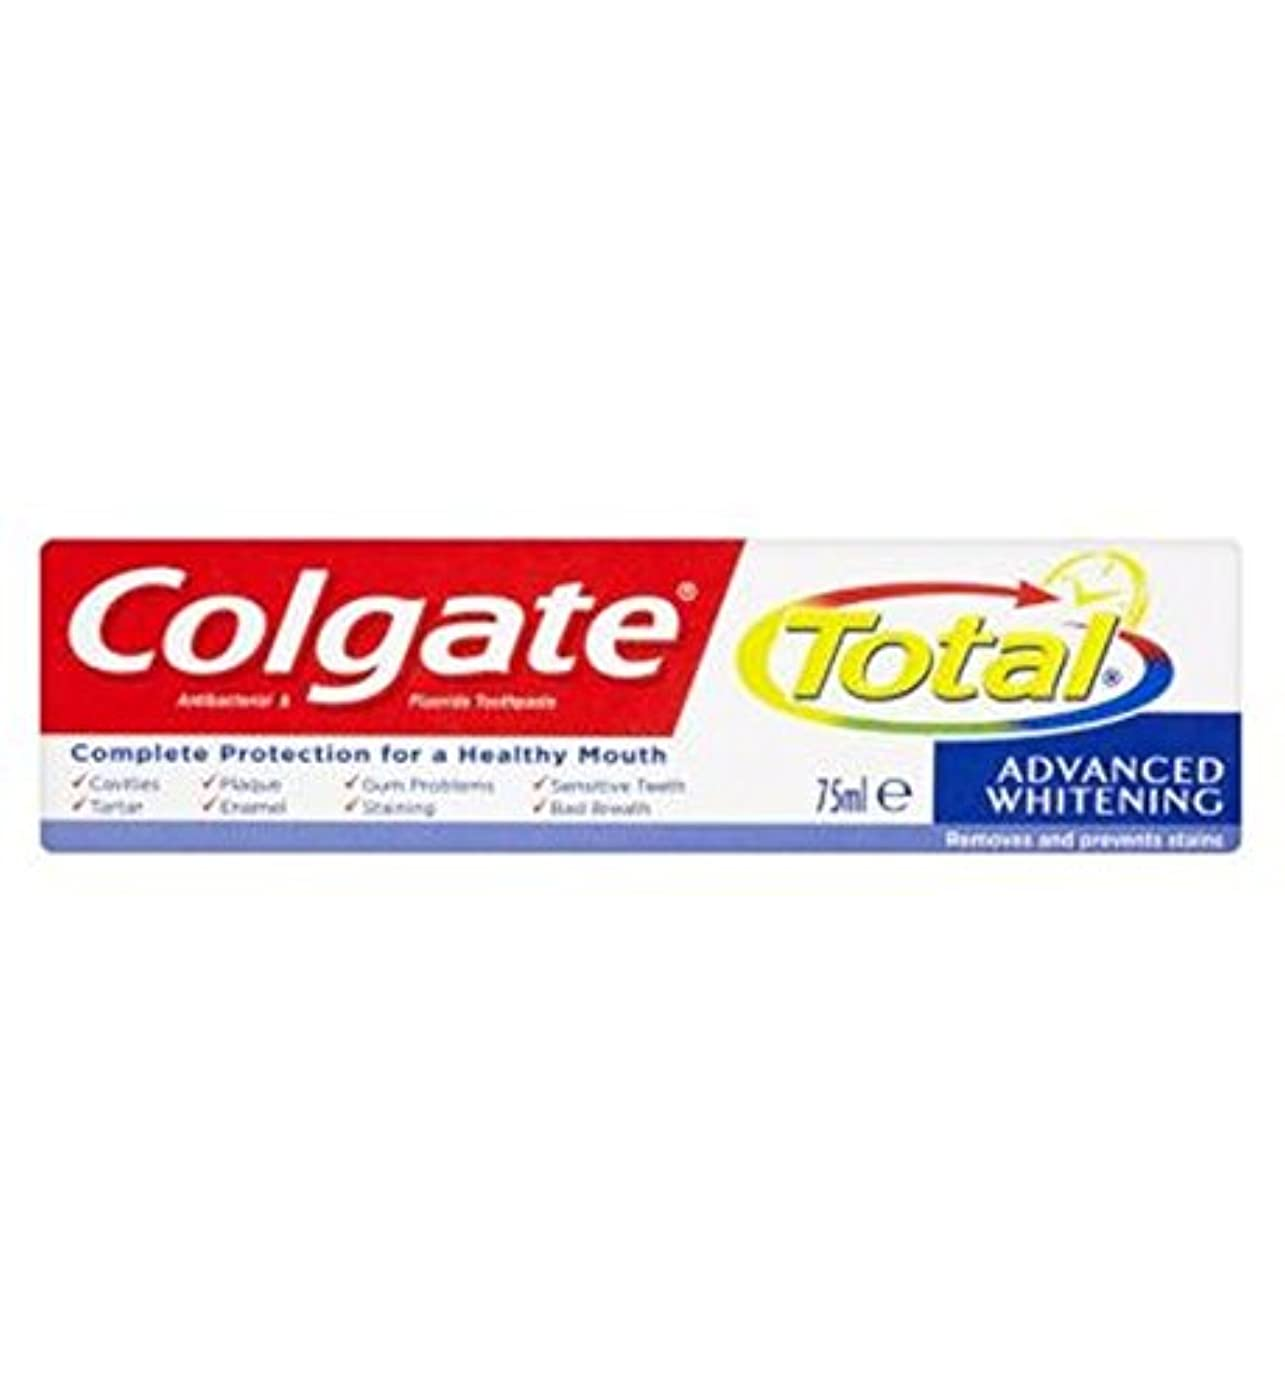 超えてバイソンキャプテンColgate Total Advanced Whitening toothpaste 75ml - コルゲートトータル高度なホワイトニング歯磨き粉75ミリリットル (Colgate) [並行輸入品]